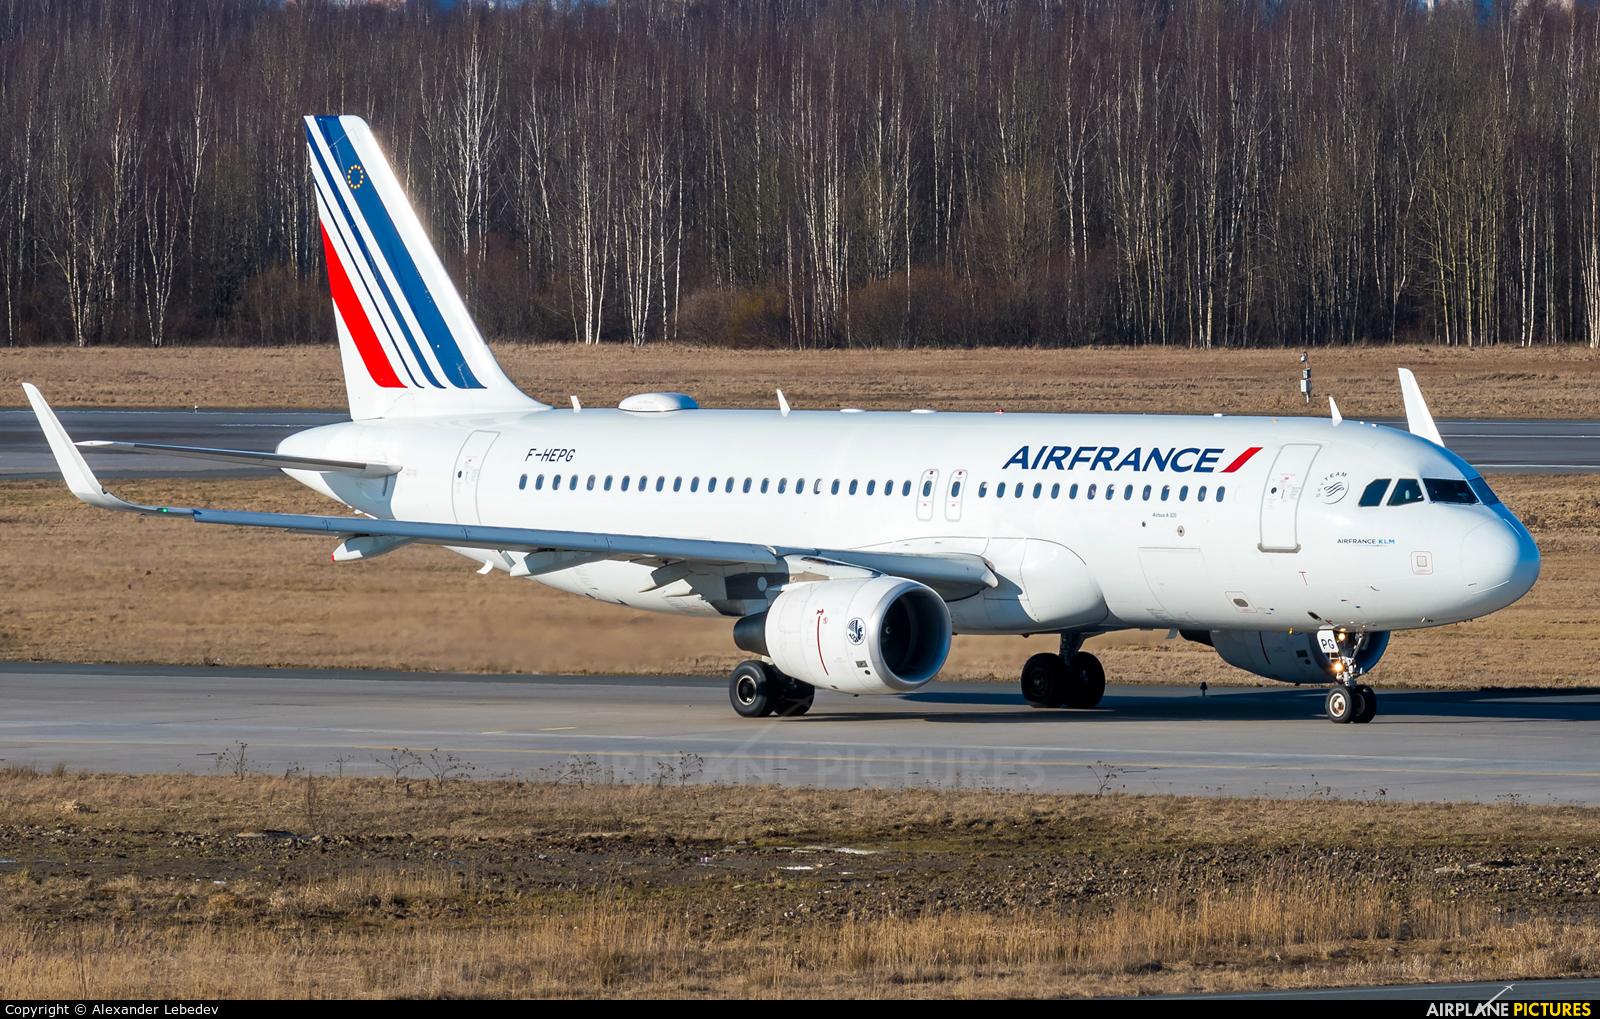 Air France F-HEPG aircraft at St. Petersburg - Pulkovo